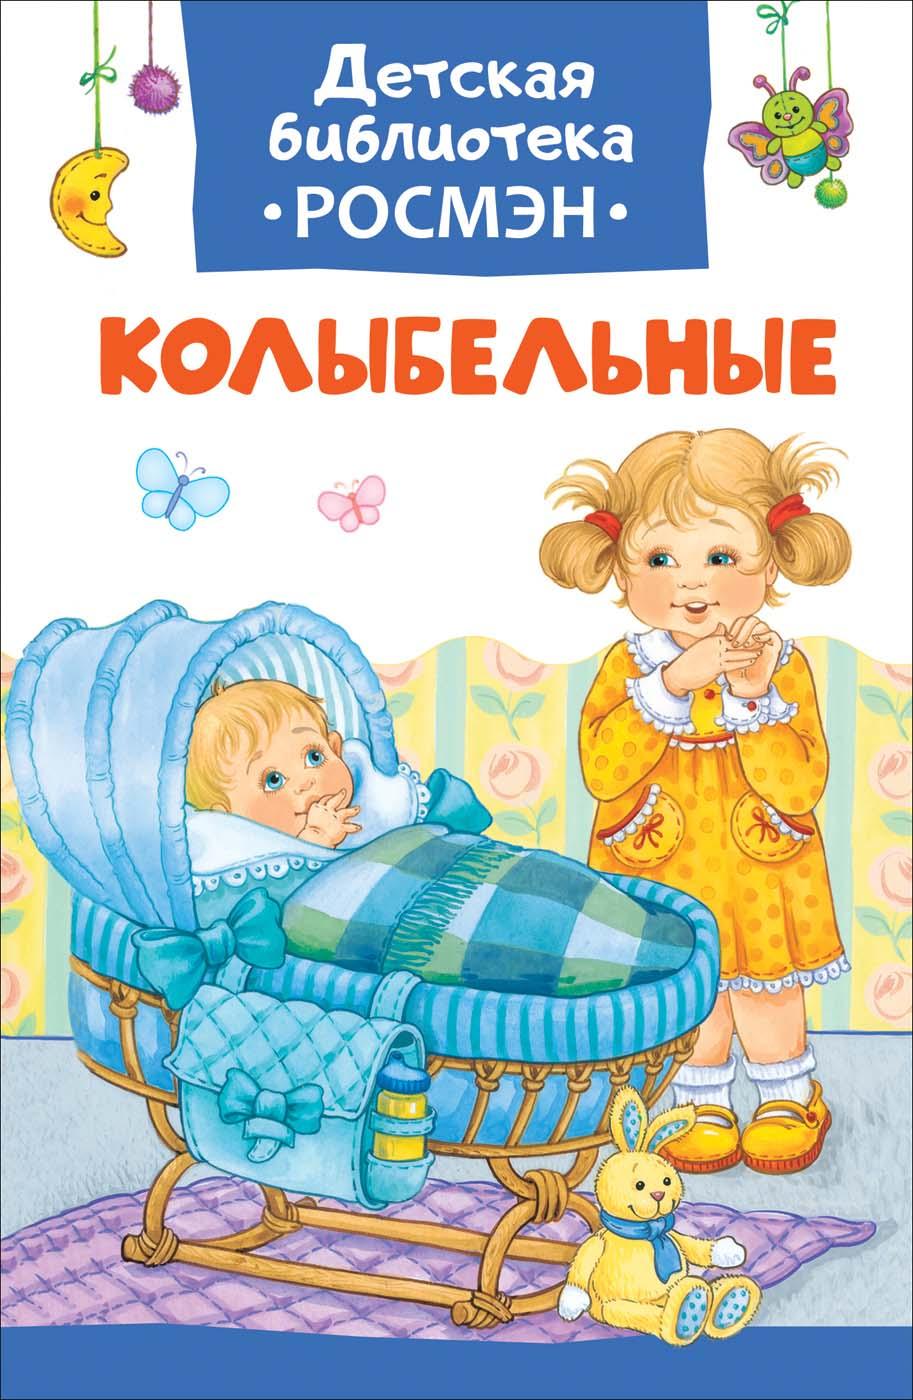 Книга из серии Детская библиотека Росмэн - Колыбельные фото